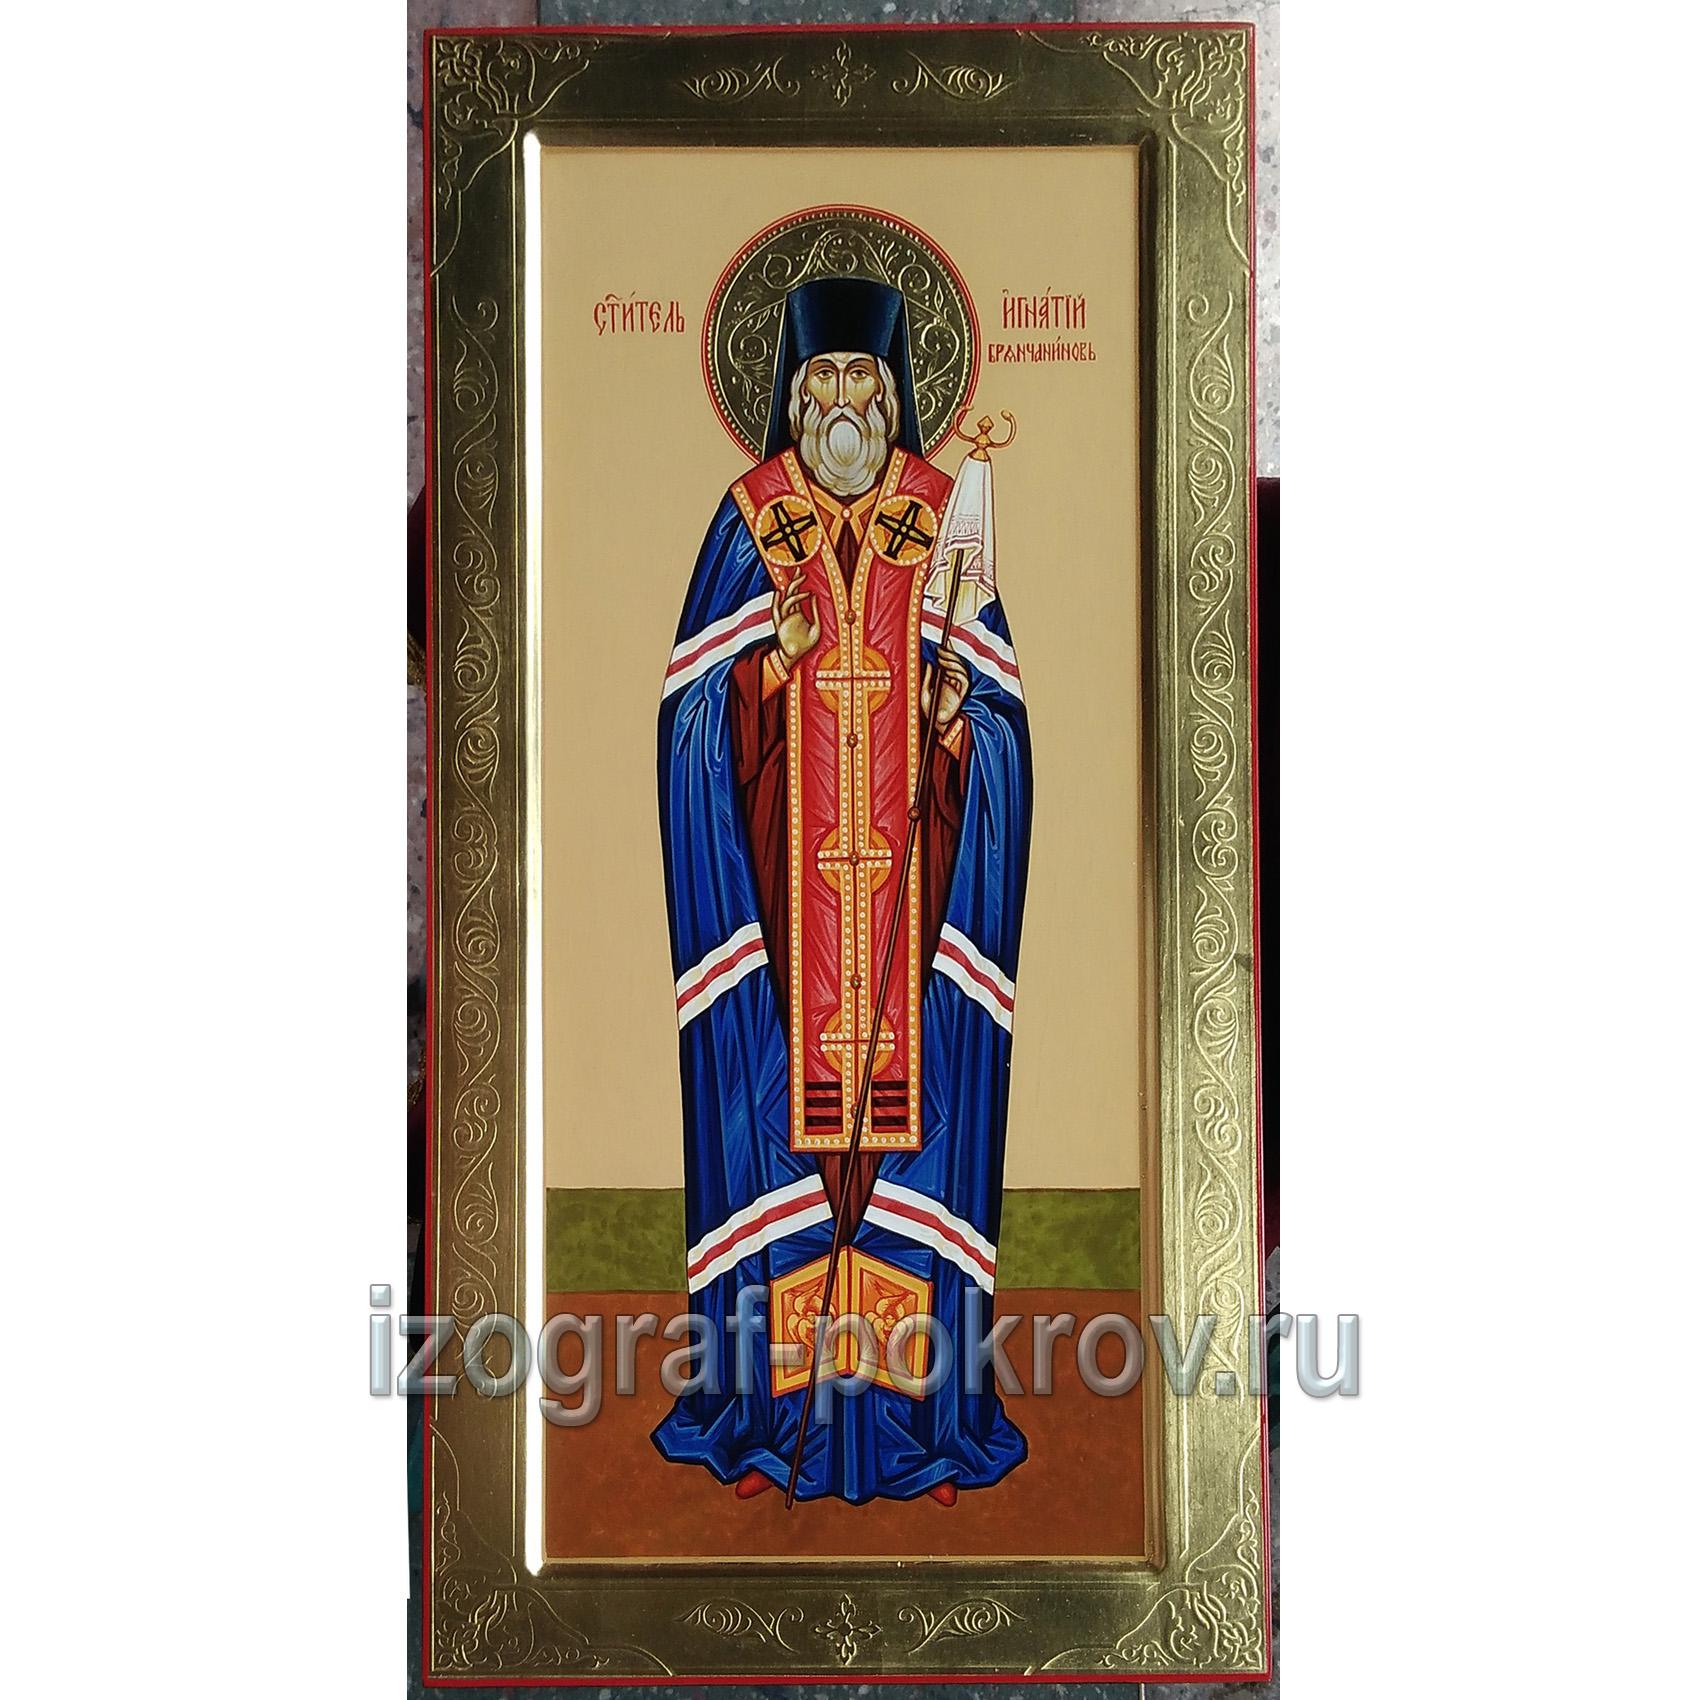 Икона мерная под заказ святитель Игнатий Брянчанинов написанная в иконописной мастерской Покров при храме Покрова Пресвятой Богородицы